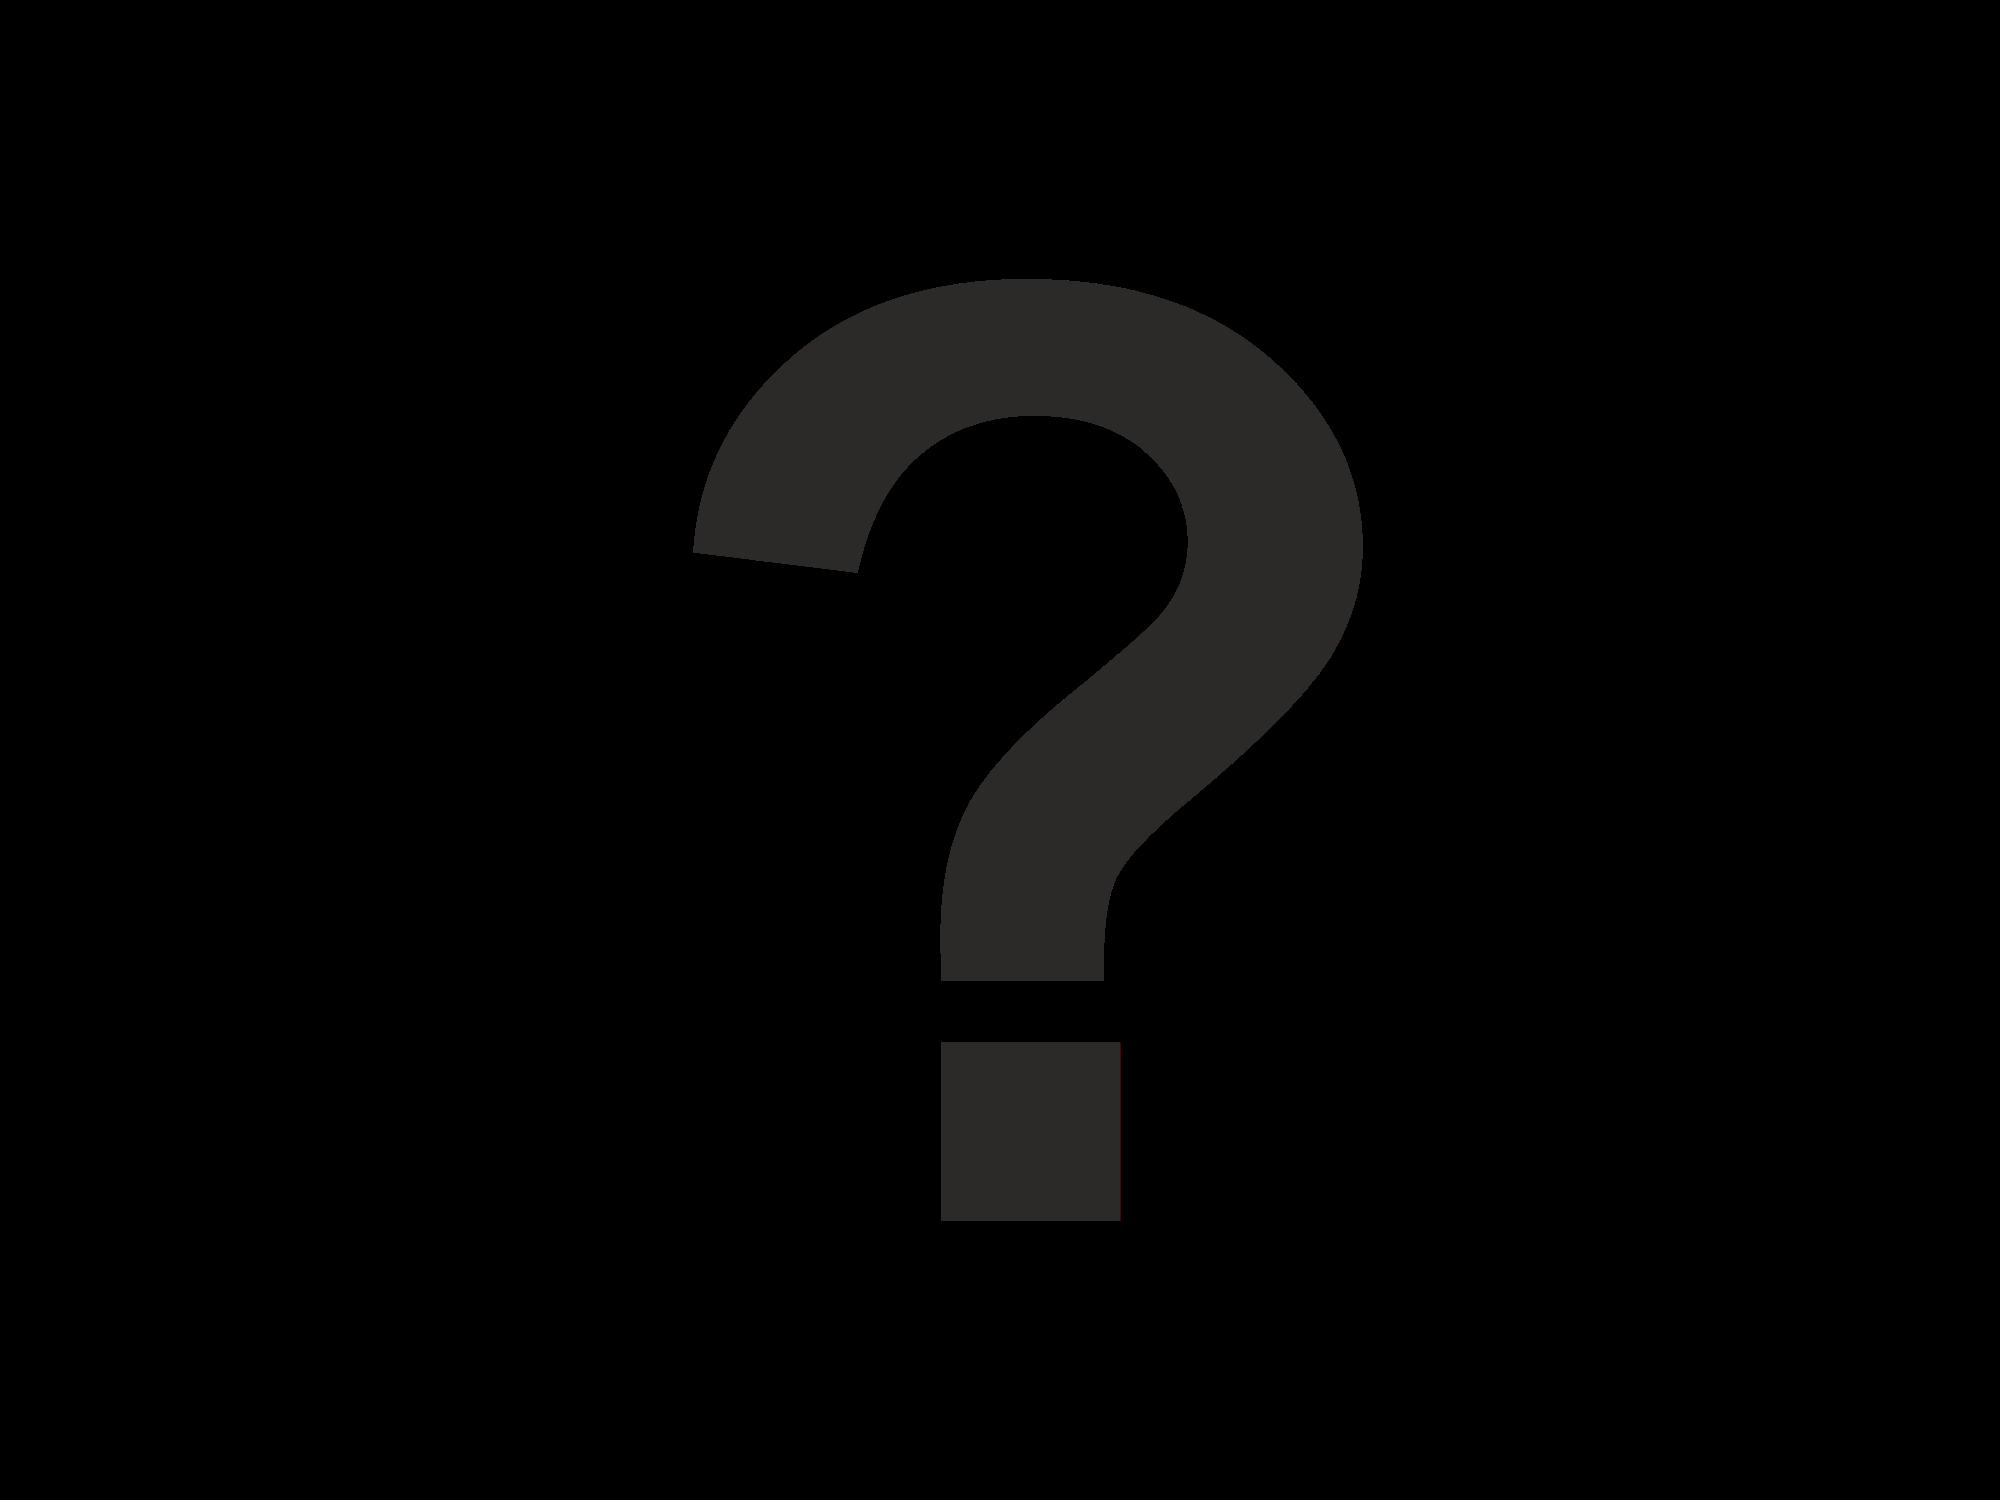 Question Mark HD wallpapers, Desktop wallpaper - most viewed